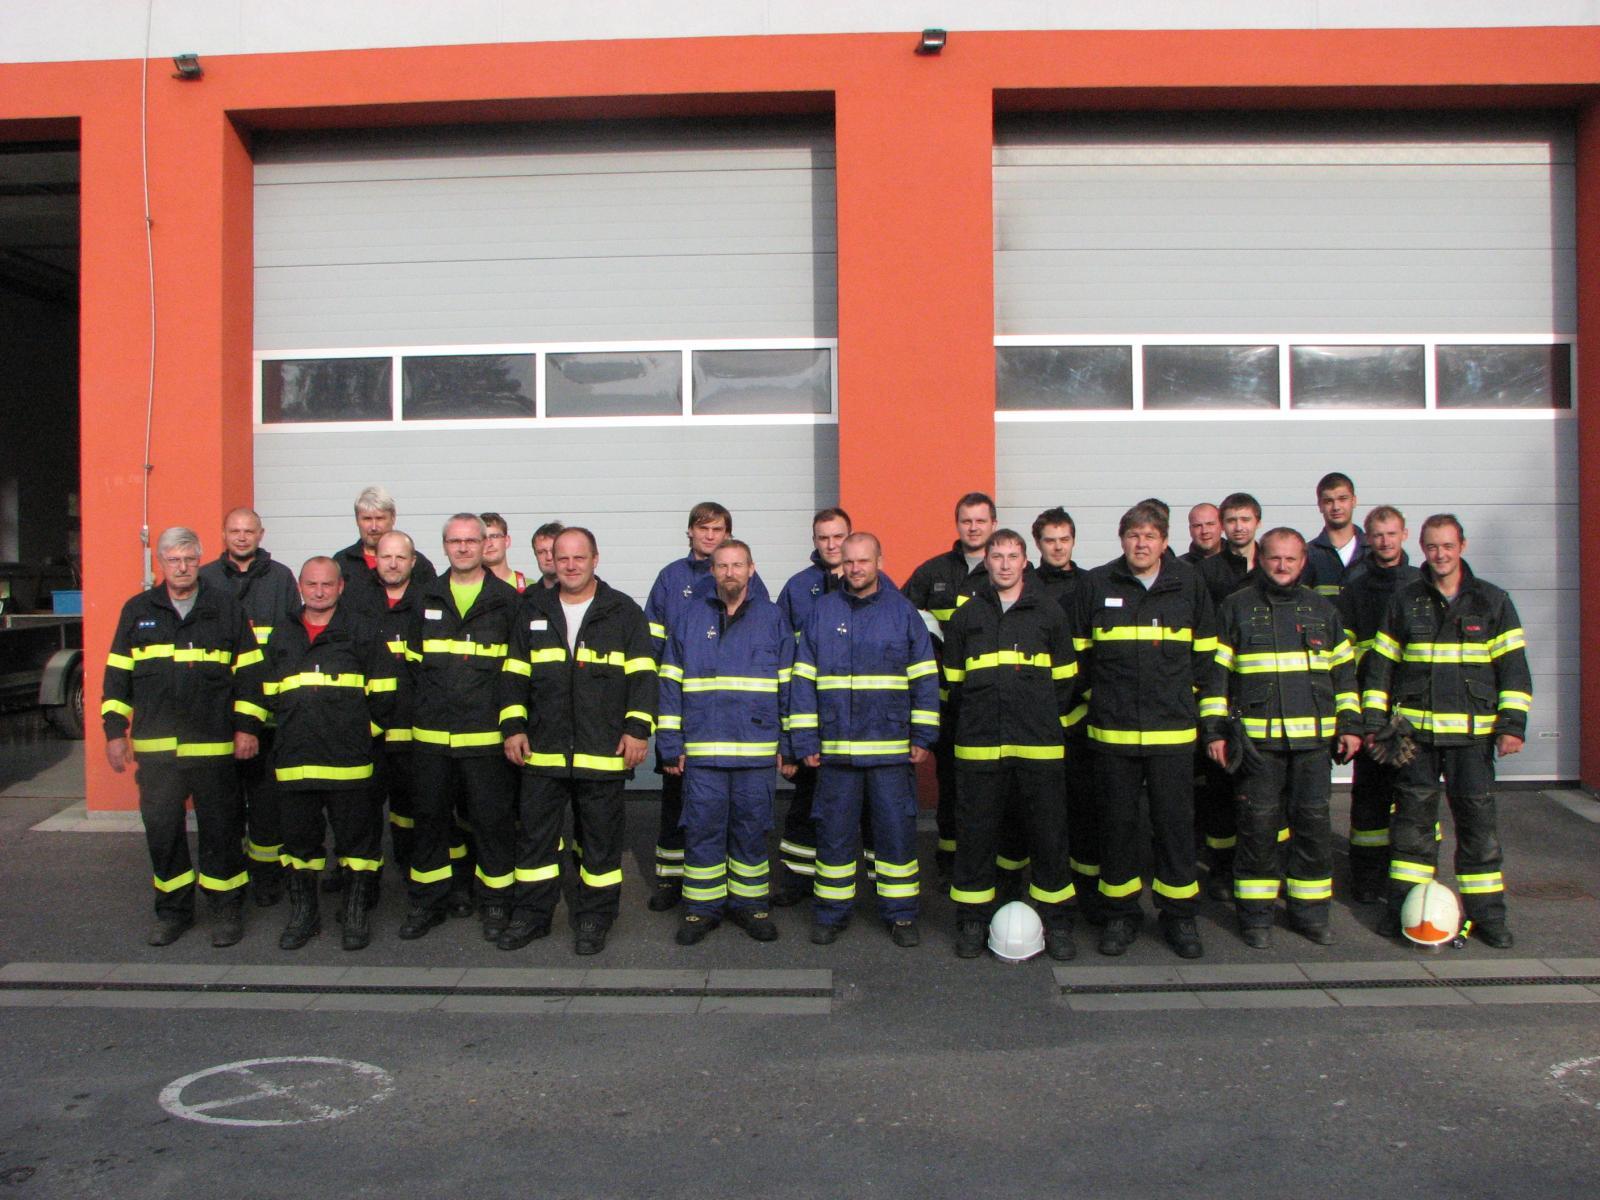 námětové cvičení sborů dobrovolných hasičů v okrsku Val.Meziříčí